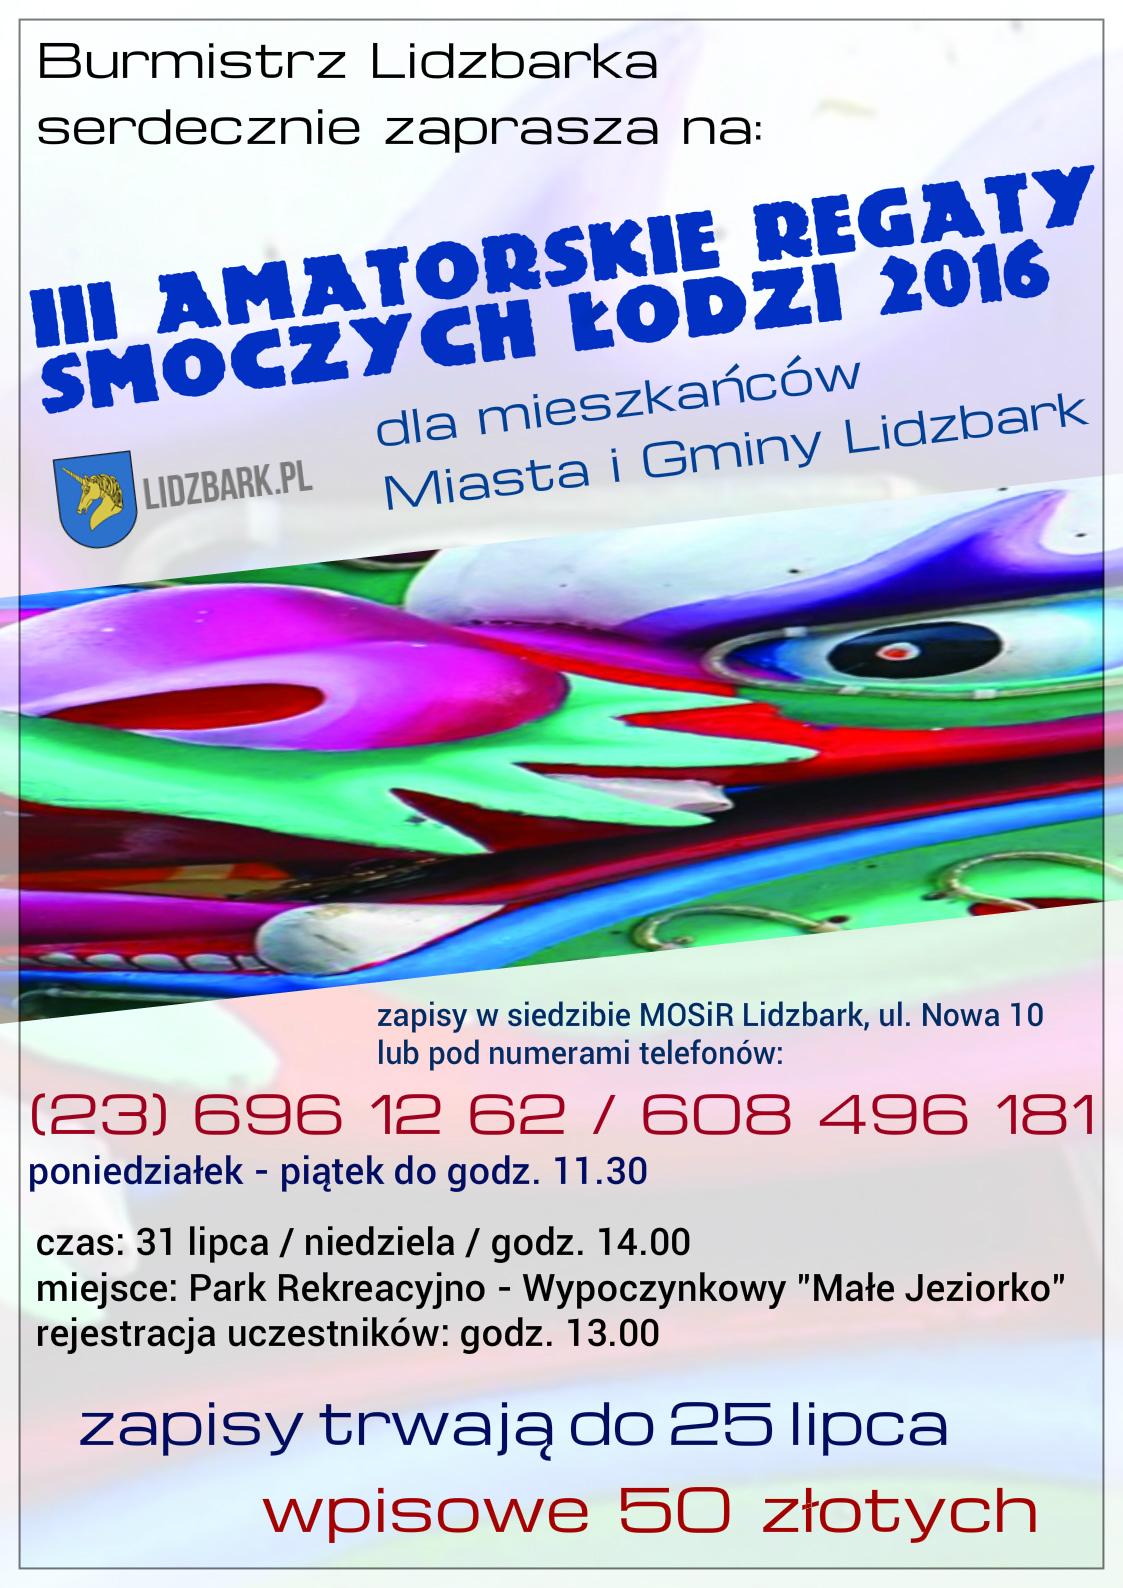 Smocze Łodzie 2016 - plakat 2